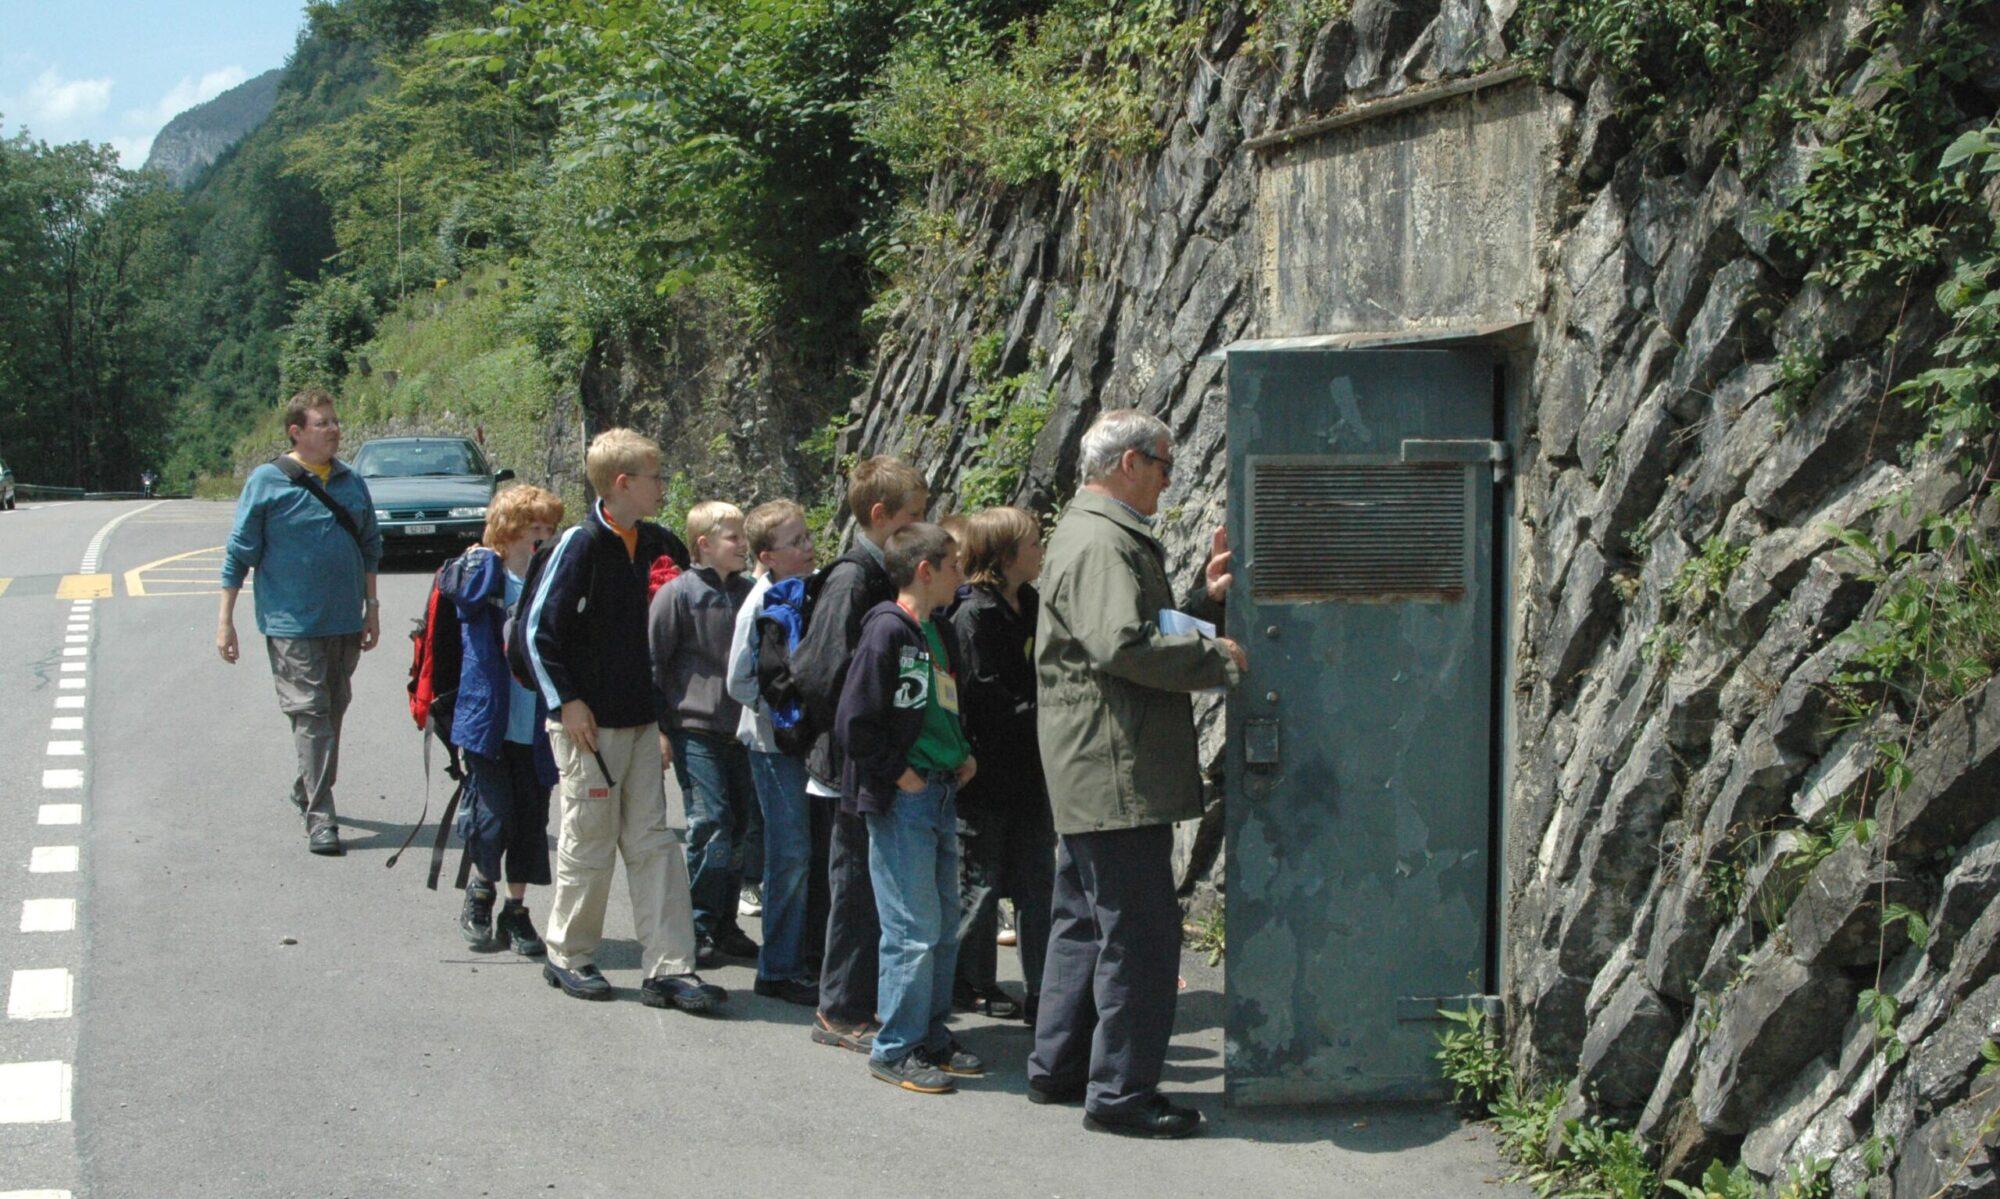 Stiftung Schwyzer Festungswerke